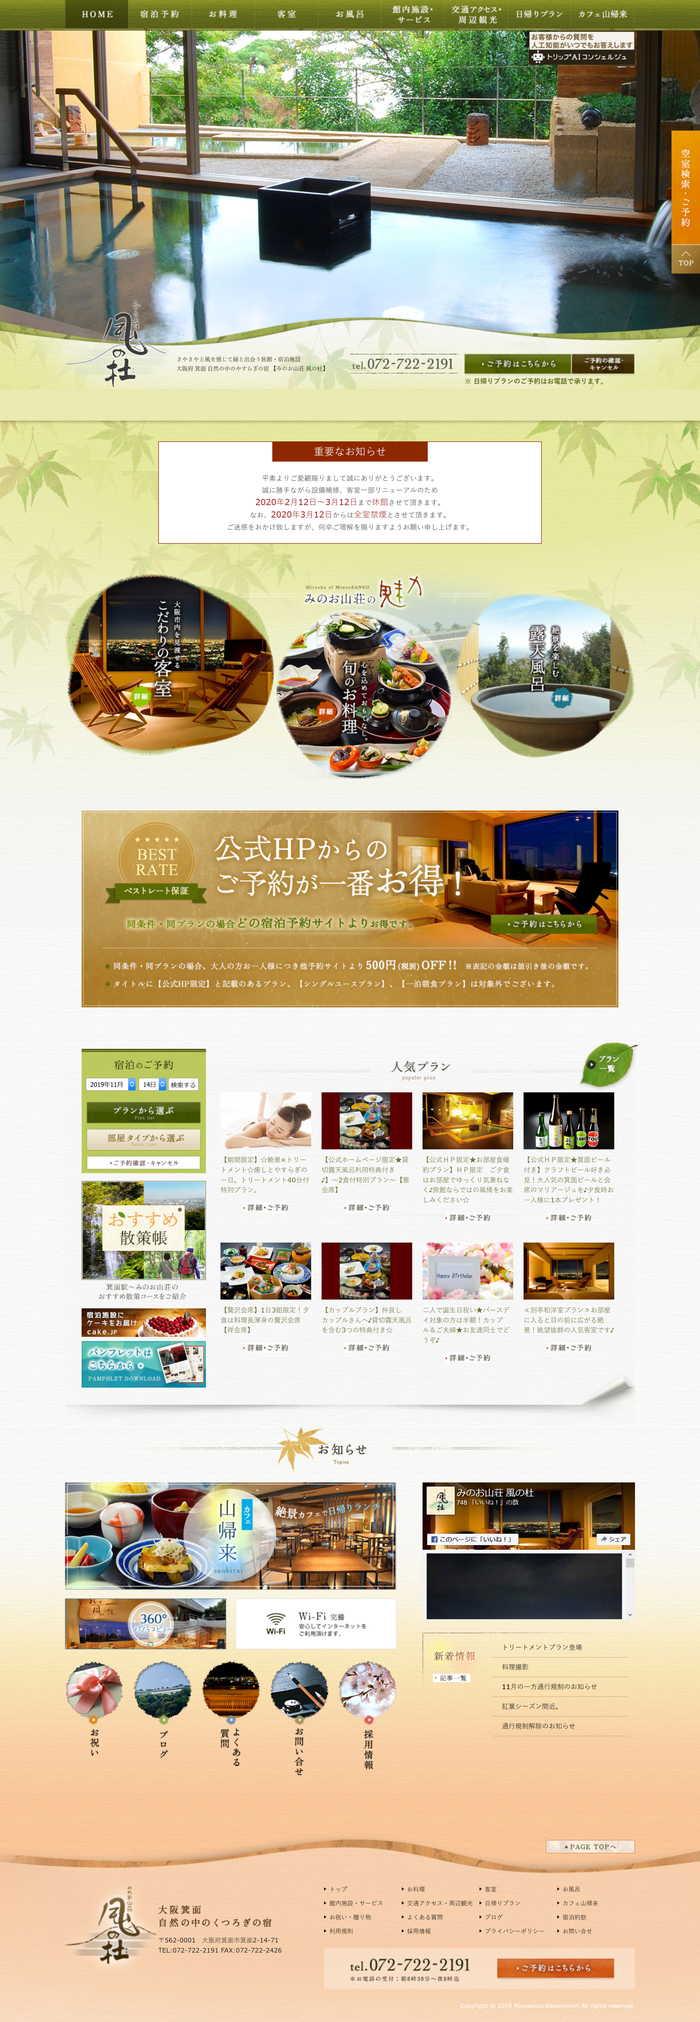 【公式・最低価格保証】大阪府箕面市の旅館、みのお山荘 風の杜